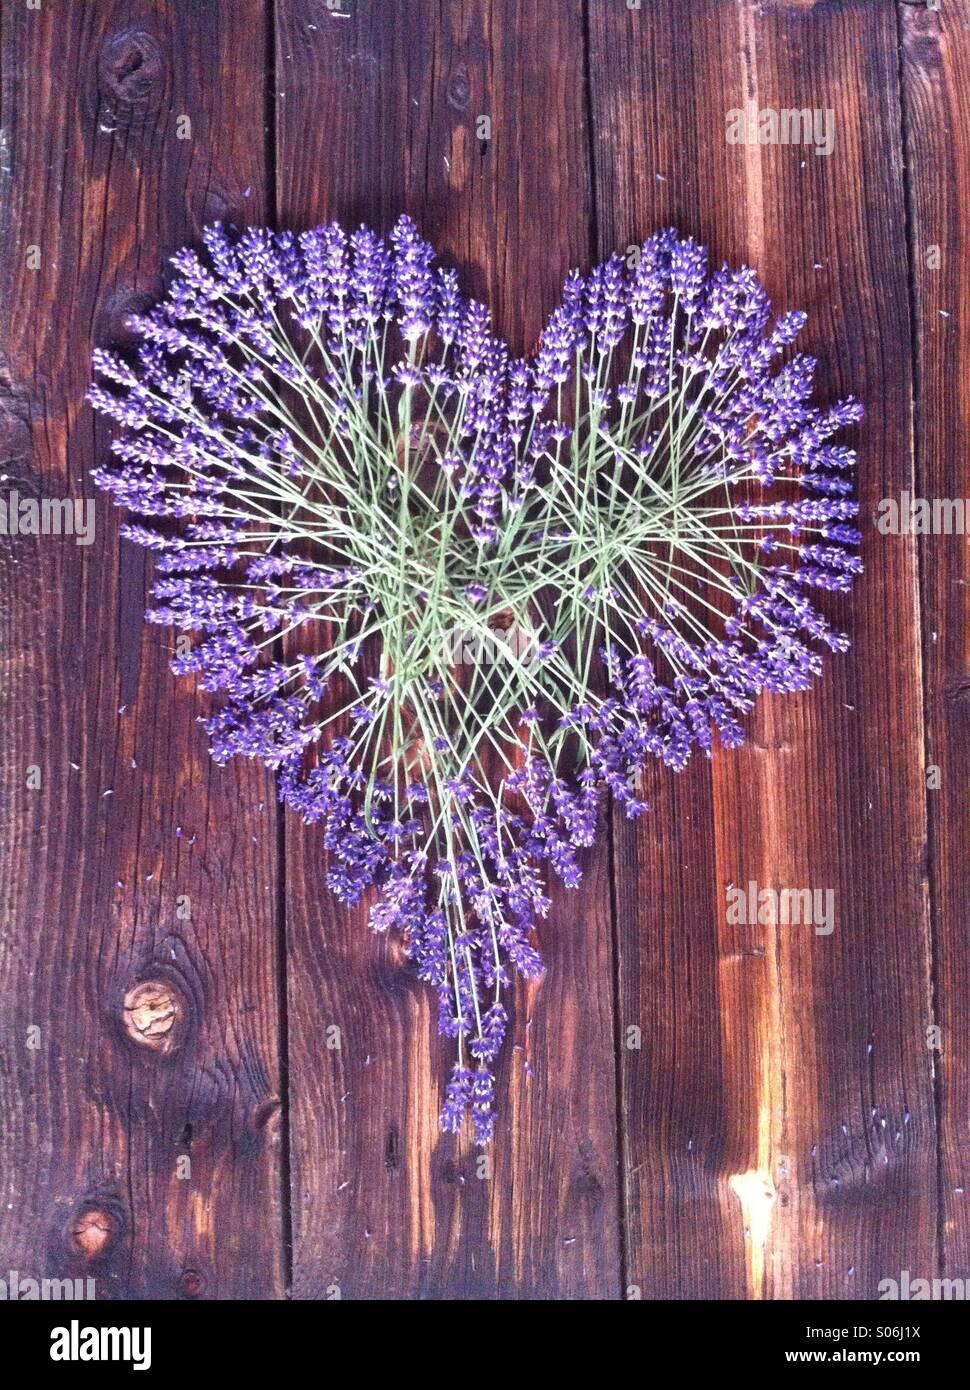 Coeur lavande foncé sur fond de bois Photo Stock